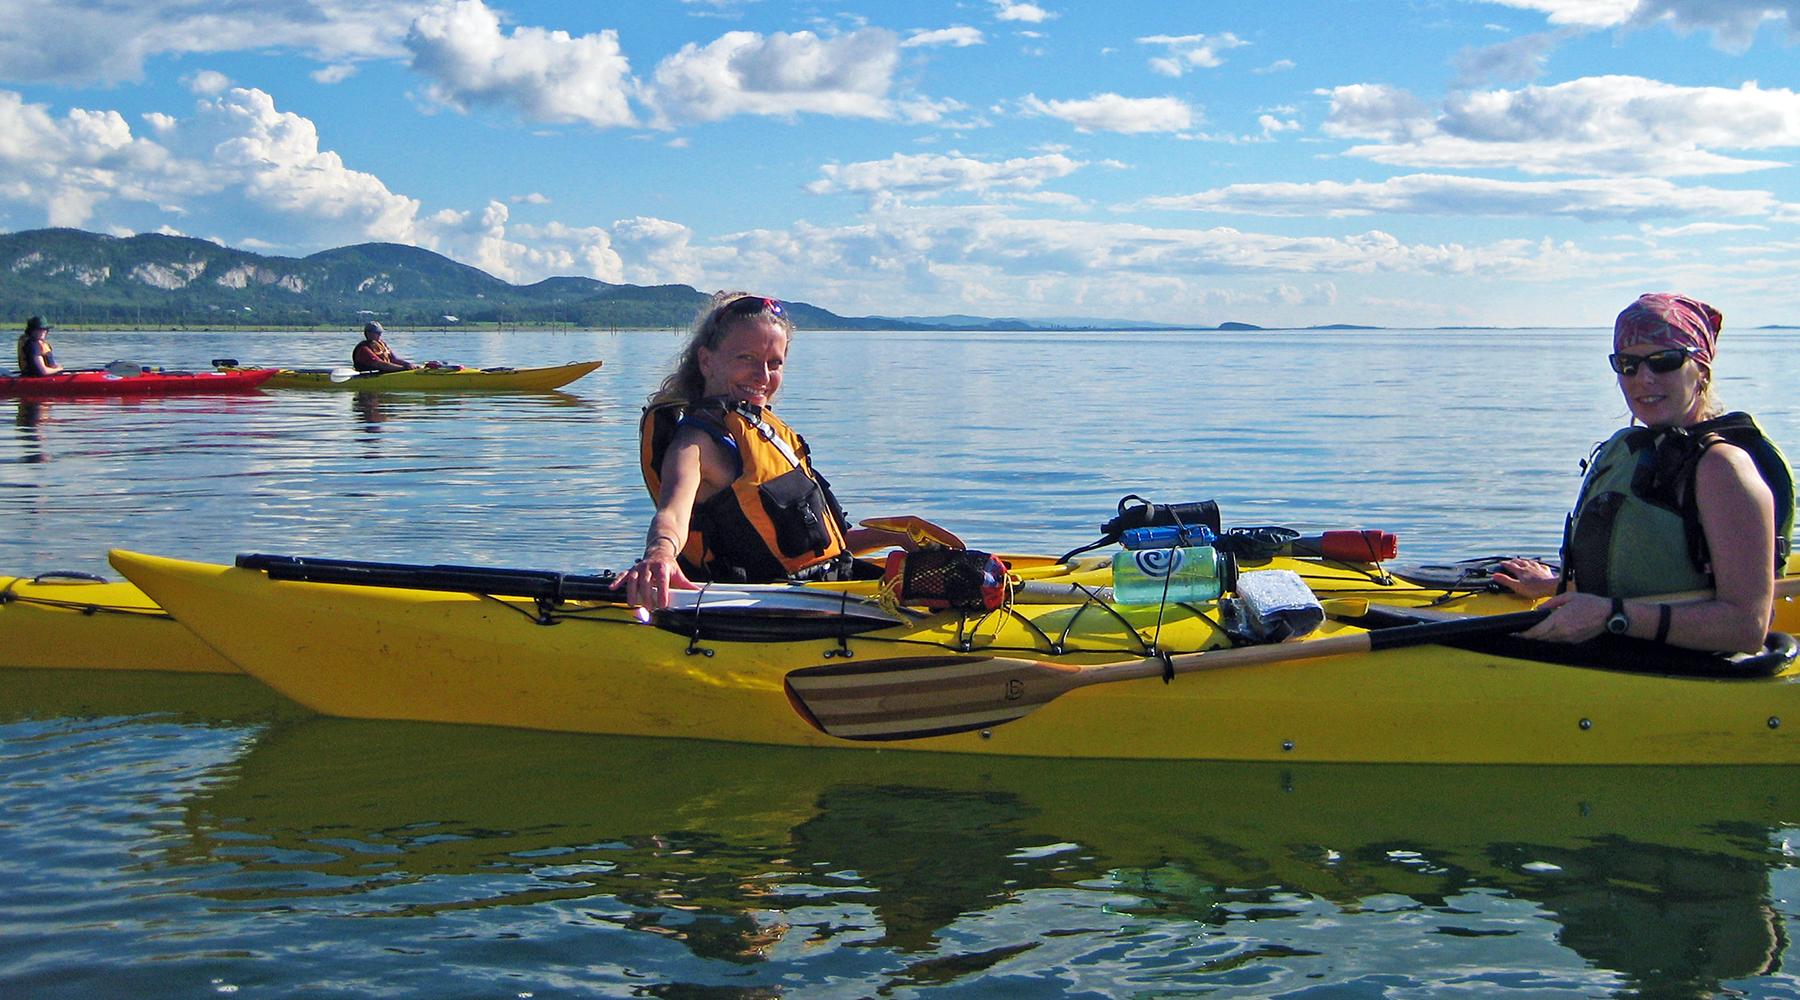 archipel kamouraska - québec - kayak de mer - nature - voyage d'aventure